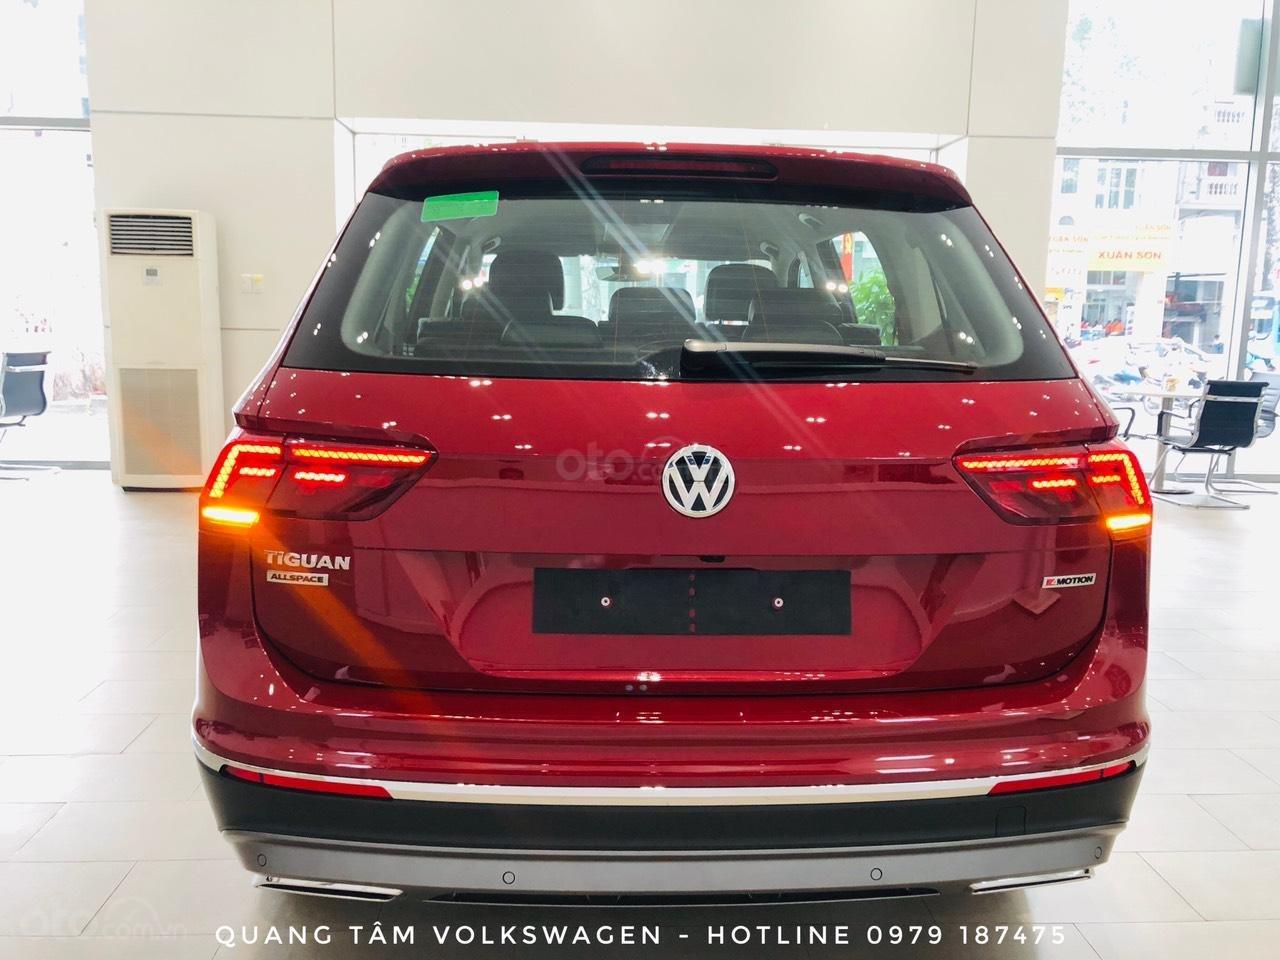 Volkswagen Tiguan Luxury đỏ ruby may mắn, ưu đãi khủng + giao ngay (5)